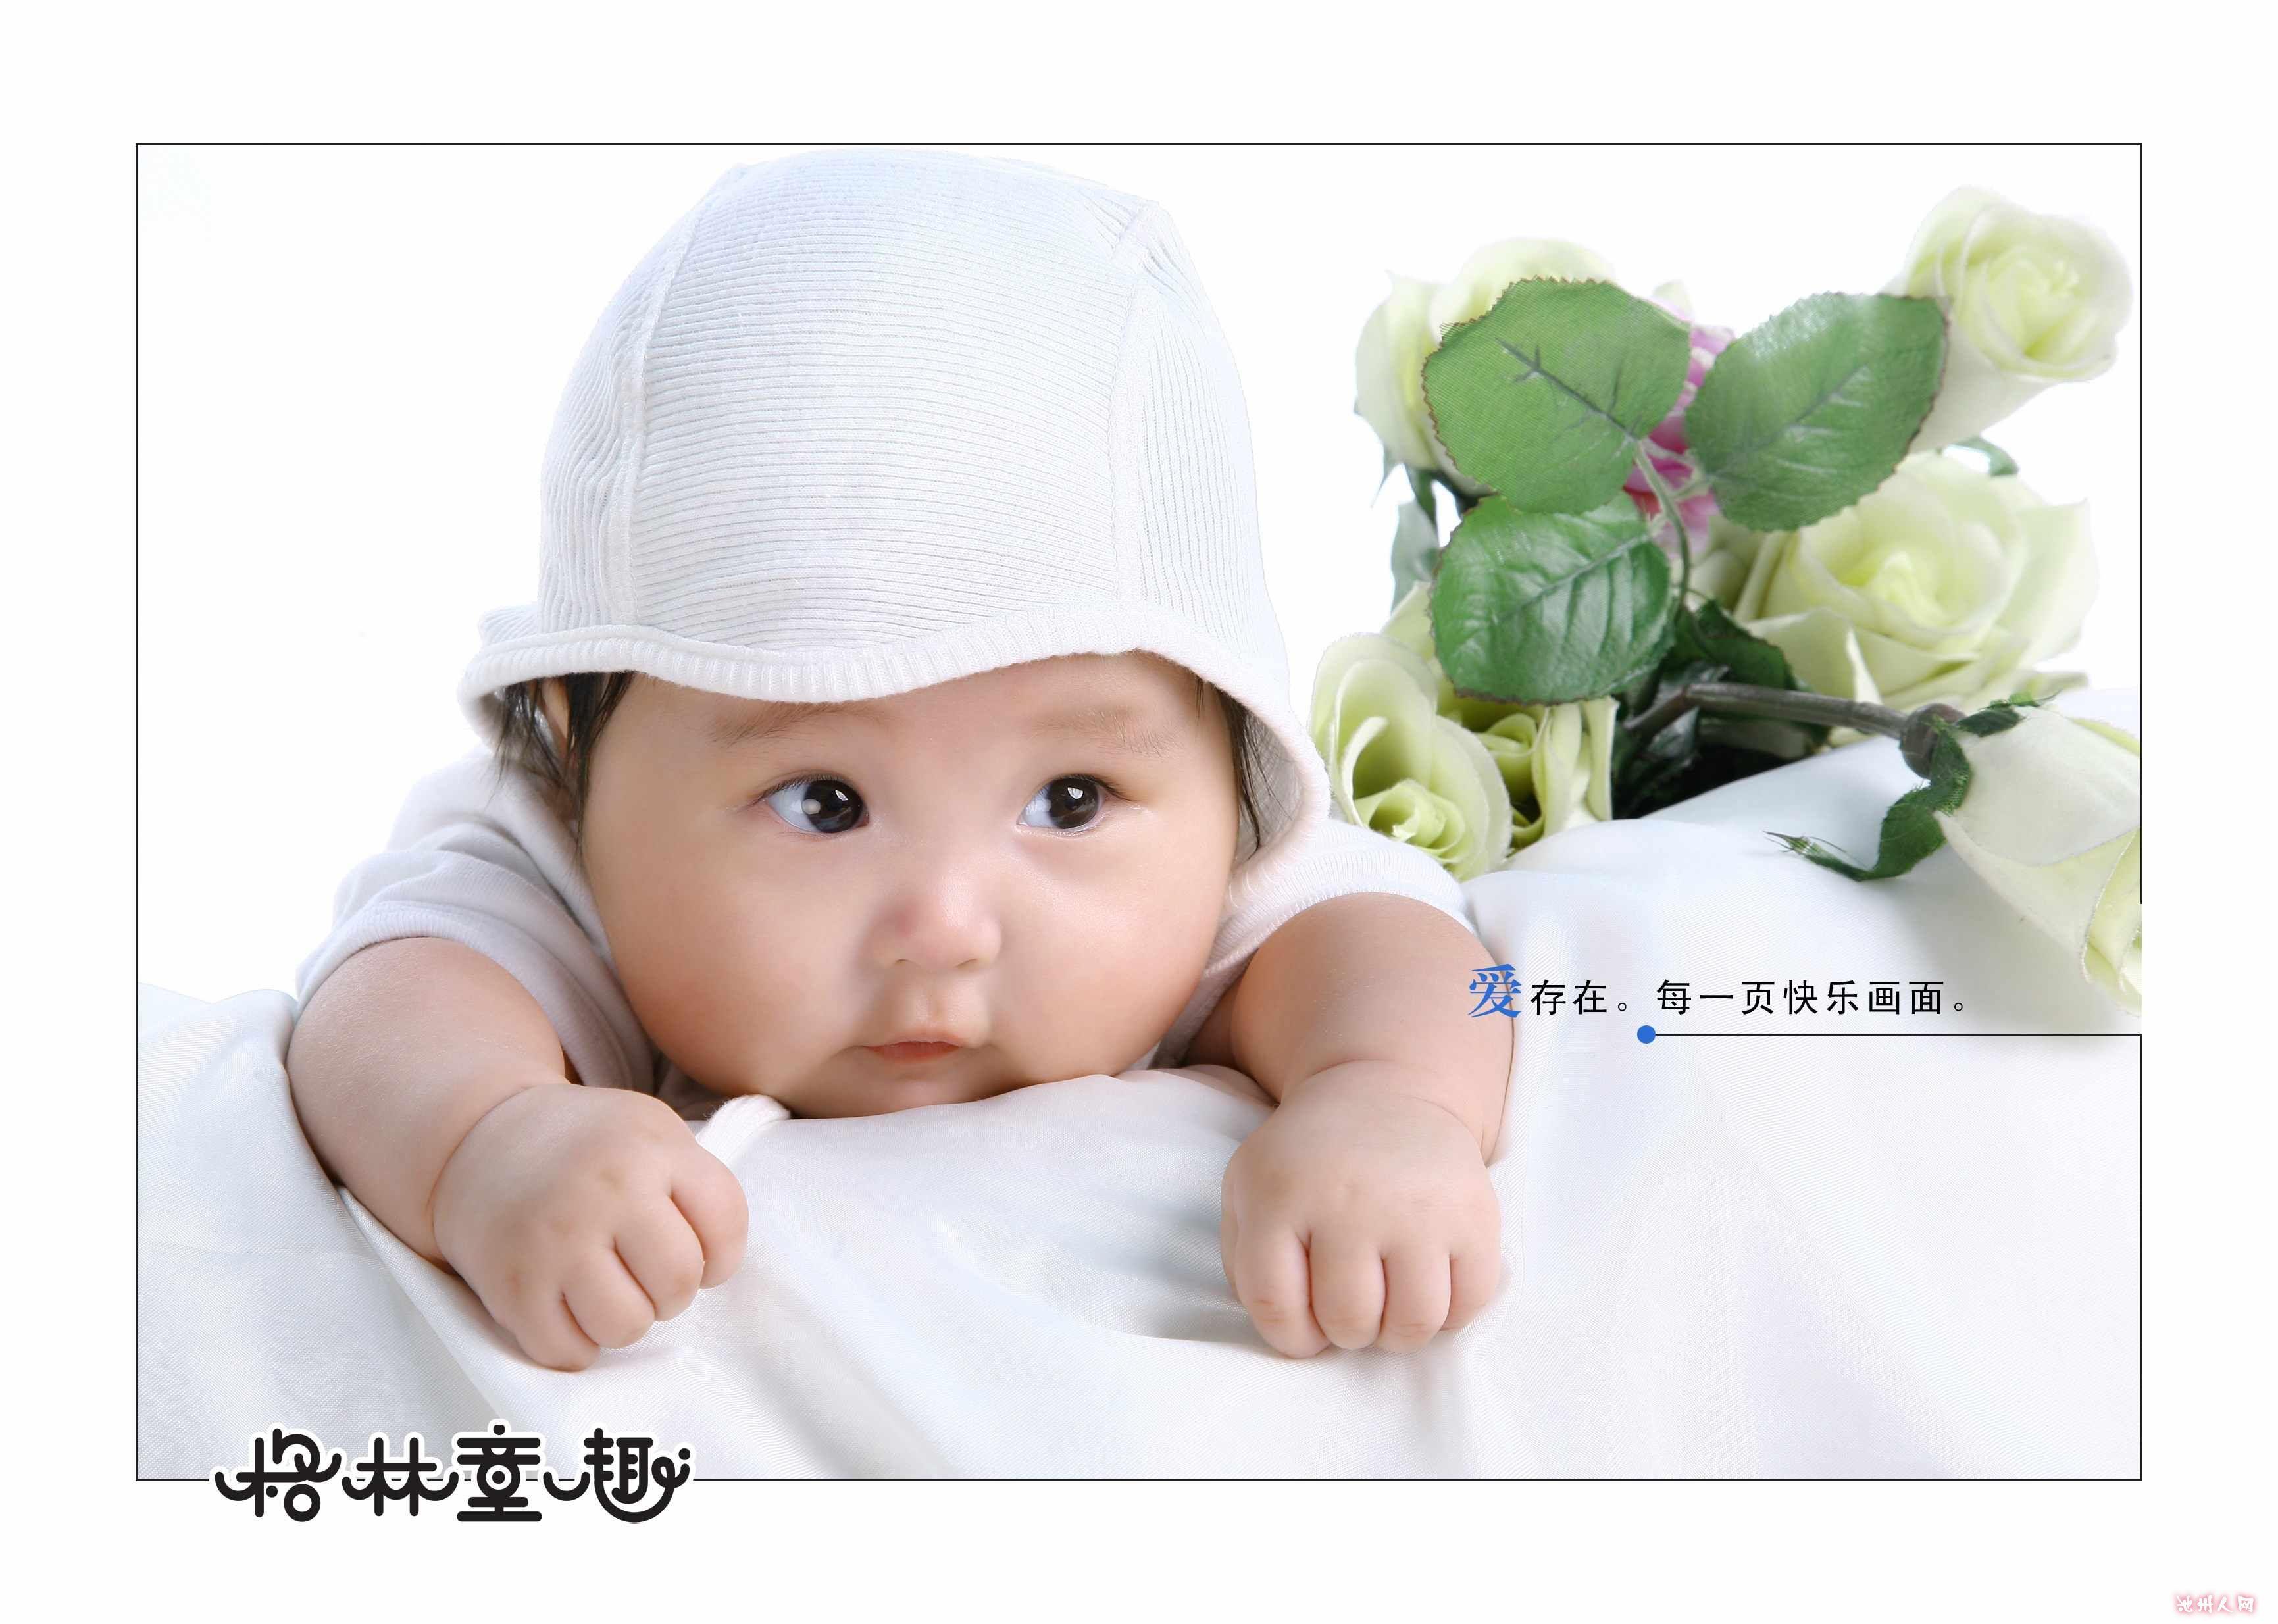 格林童趣专业儿童摄影连锁机构总部位于北京